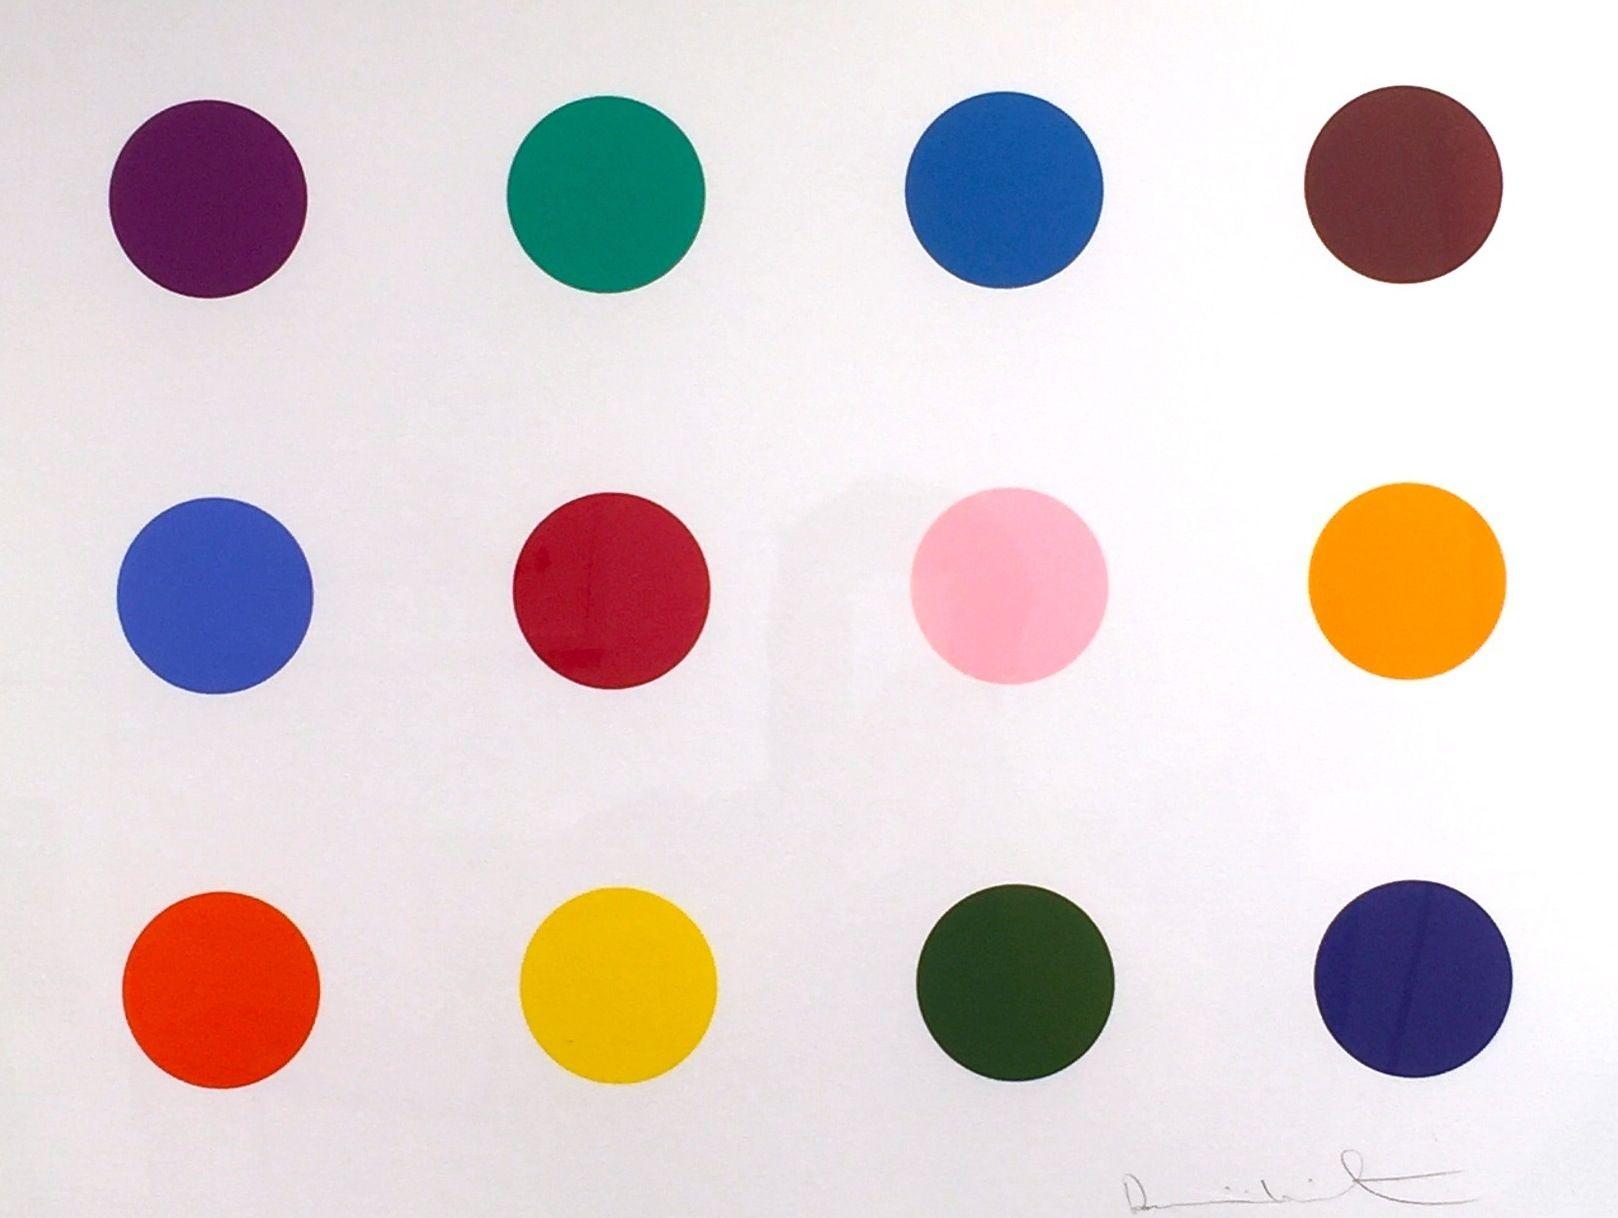 DAMIEN HIRST - ISOVANILLIN - GREGG SHIENBAUM FINE ART MIAMI http://www.widewalls.ch/artwork/damien-hirst/isovanillin/